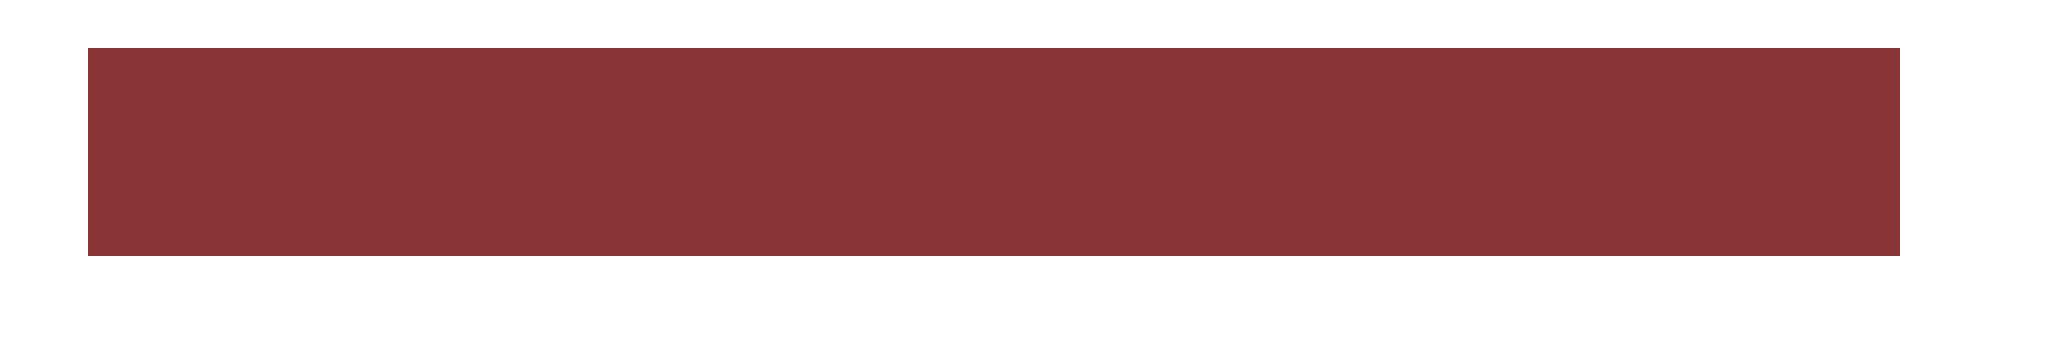 Tomasz Bidziński